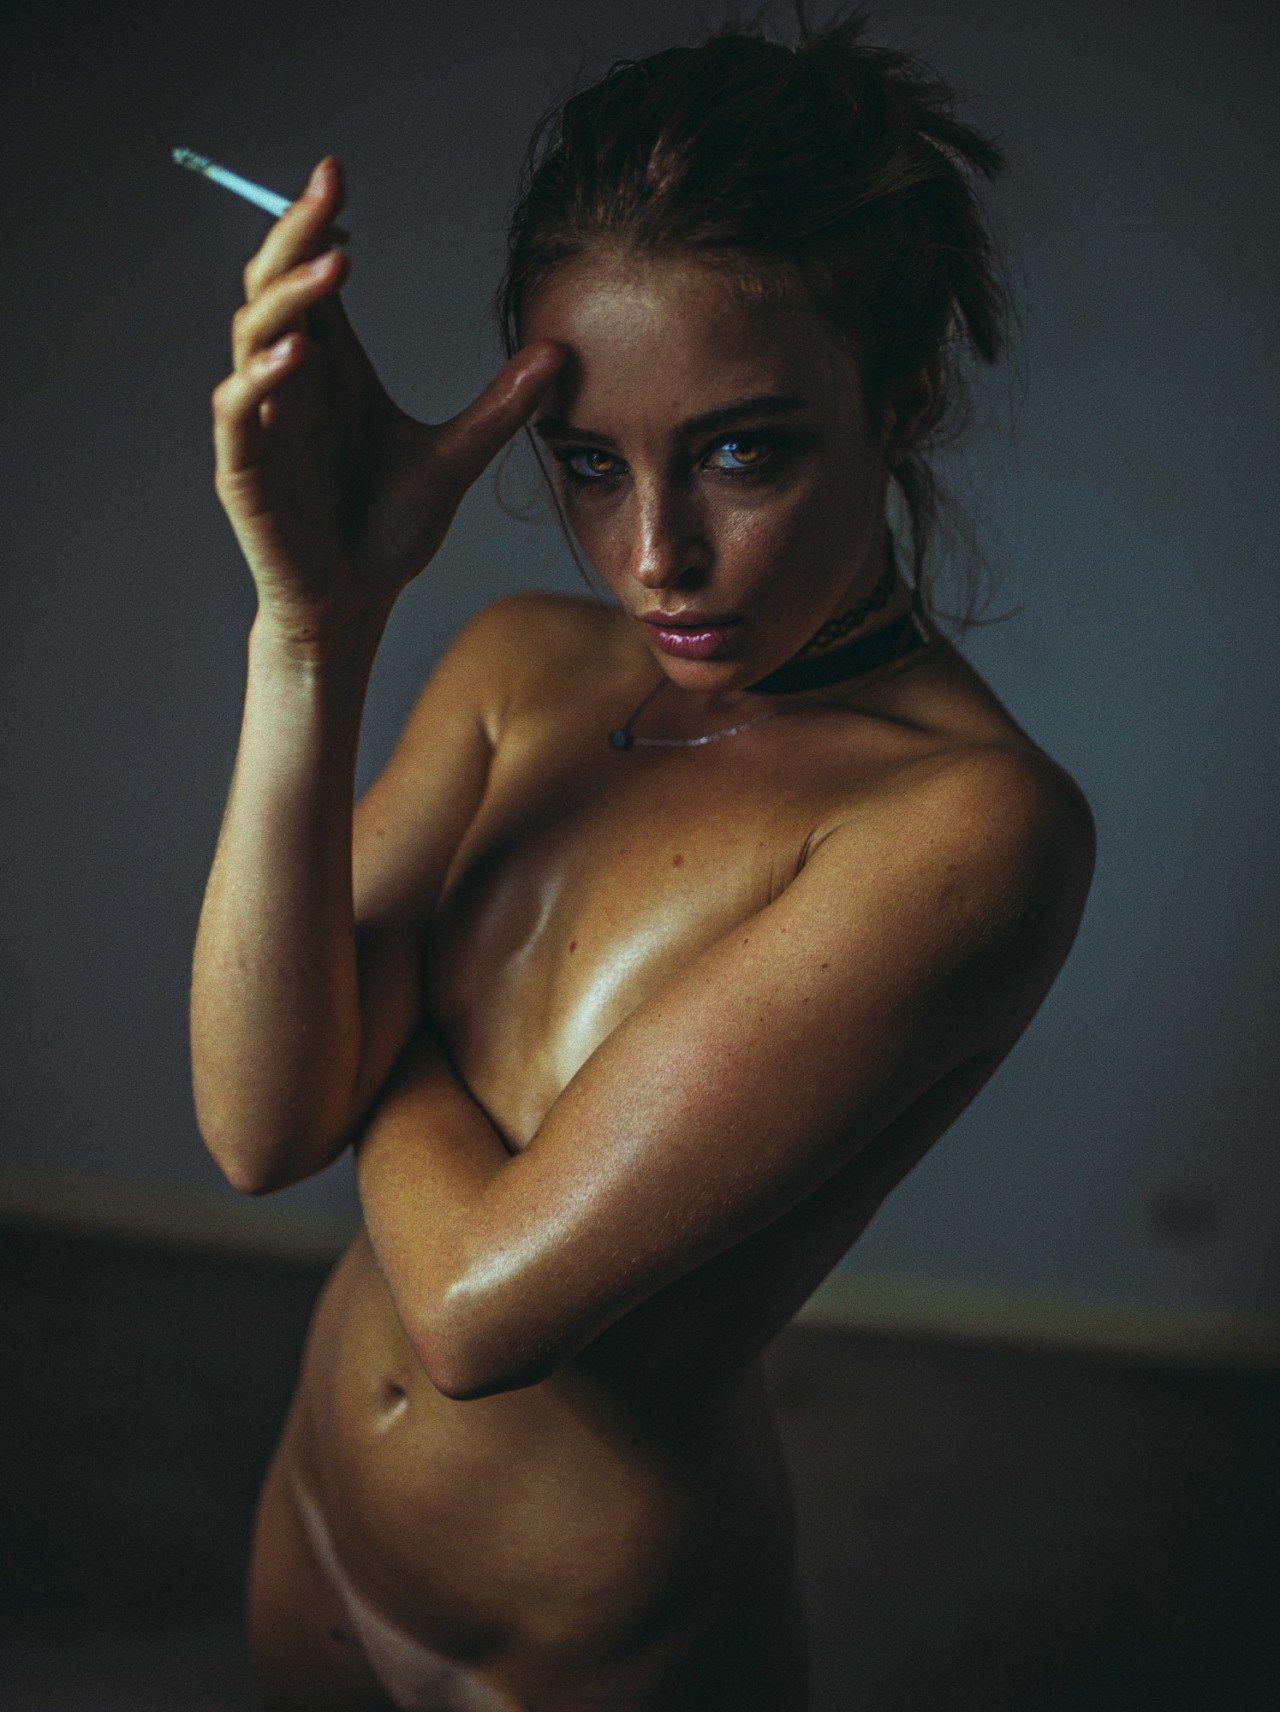 2019 Tess Georgia Dimos nudes (76 photos), Tits, Cleavage, Feet, butt 2019